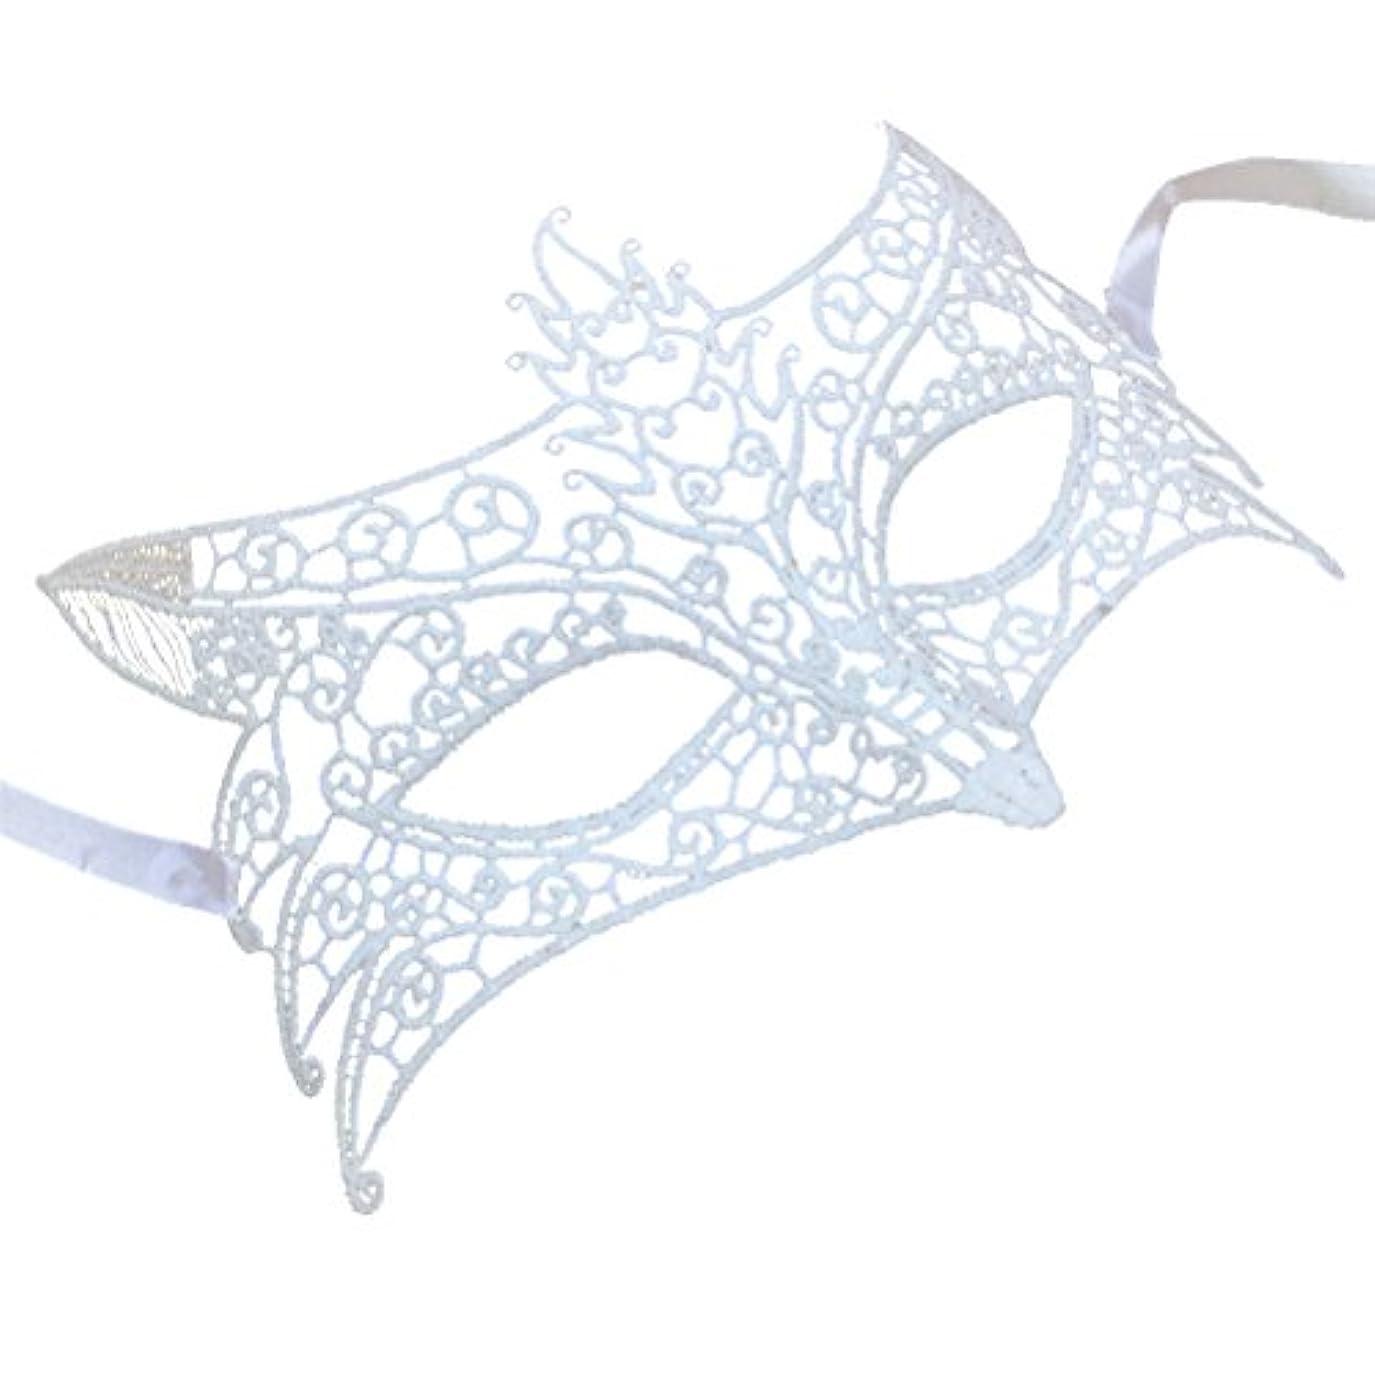 文庫本フォルダ従順AMOSFUN キツネの形をしたレースパーティーマスクイブニングパーティーウエディングマスカレードマスク(ホワイト)